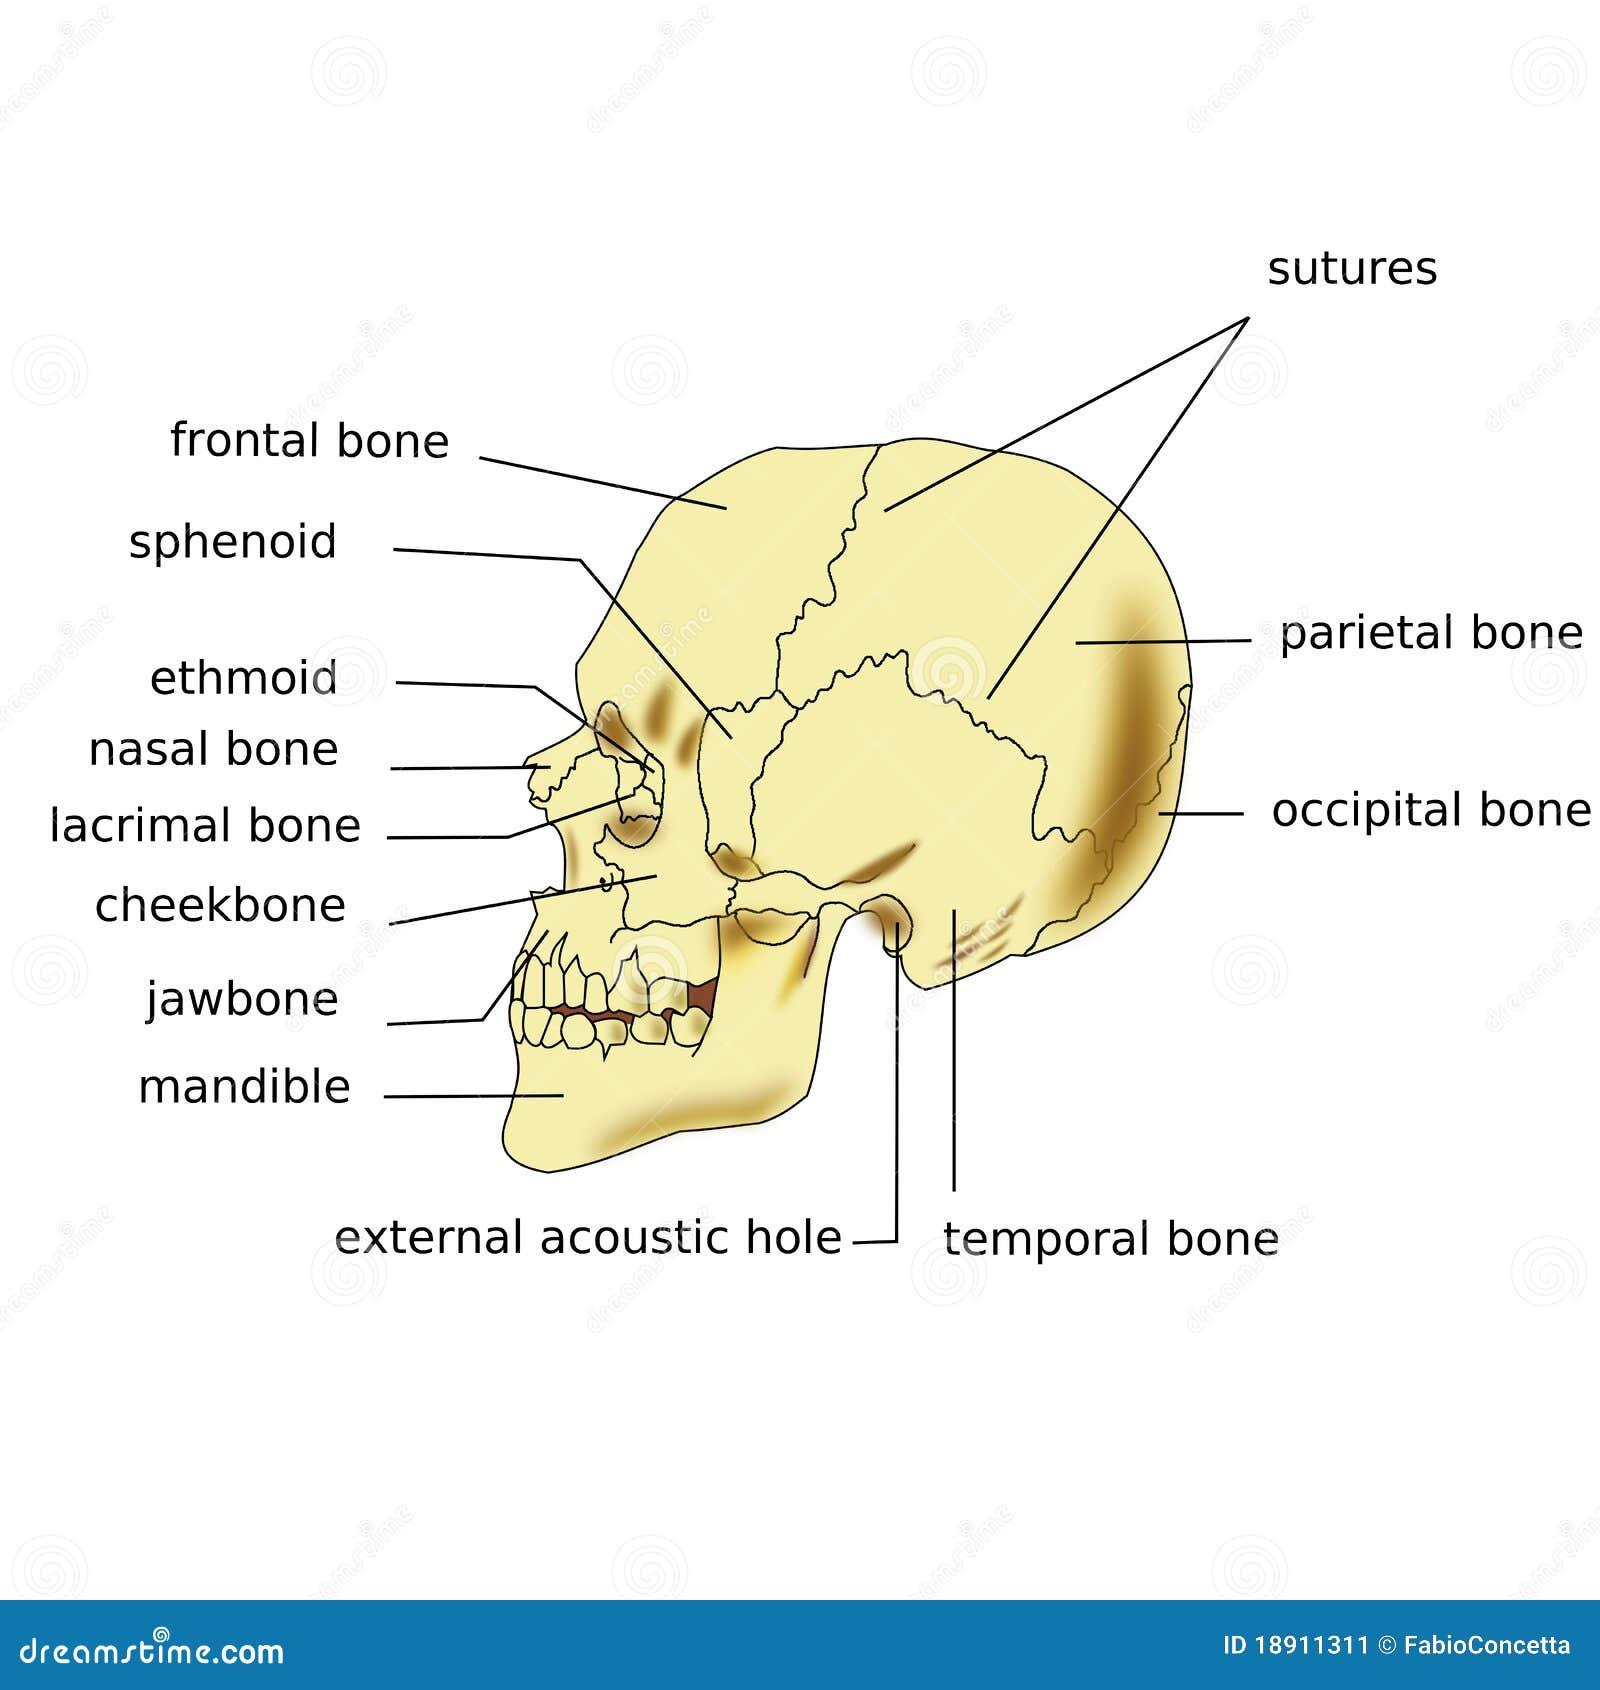 Nett Menschlicher Schädel Anatomie Diagramm Fotos - Menschliche ...